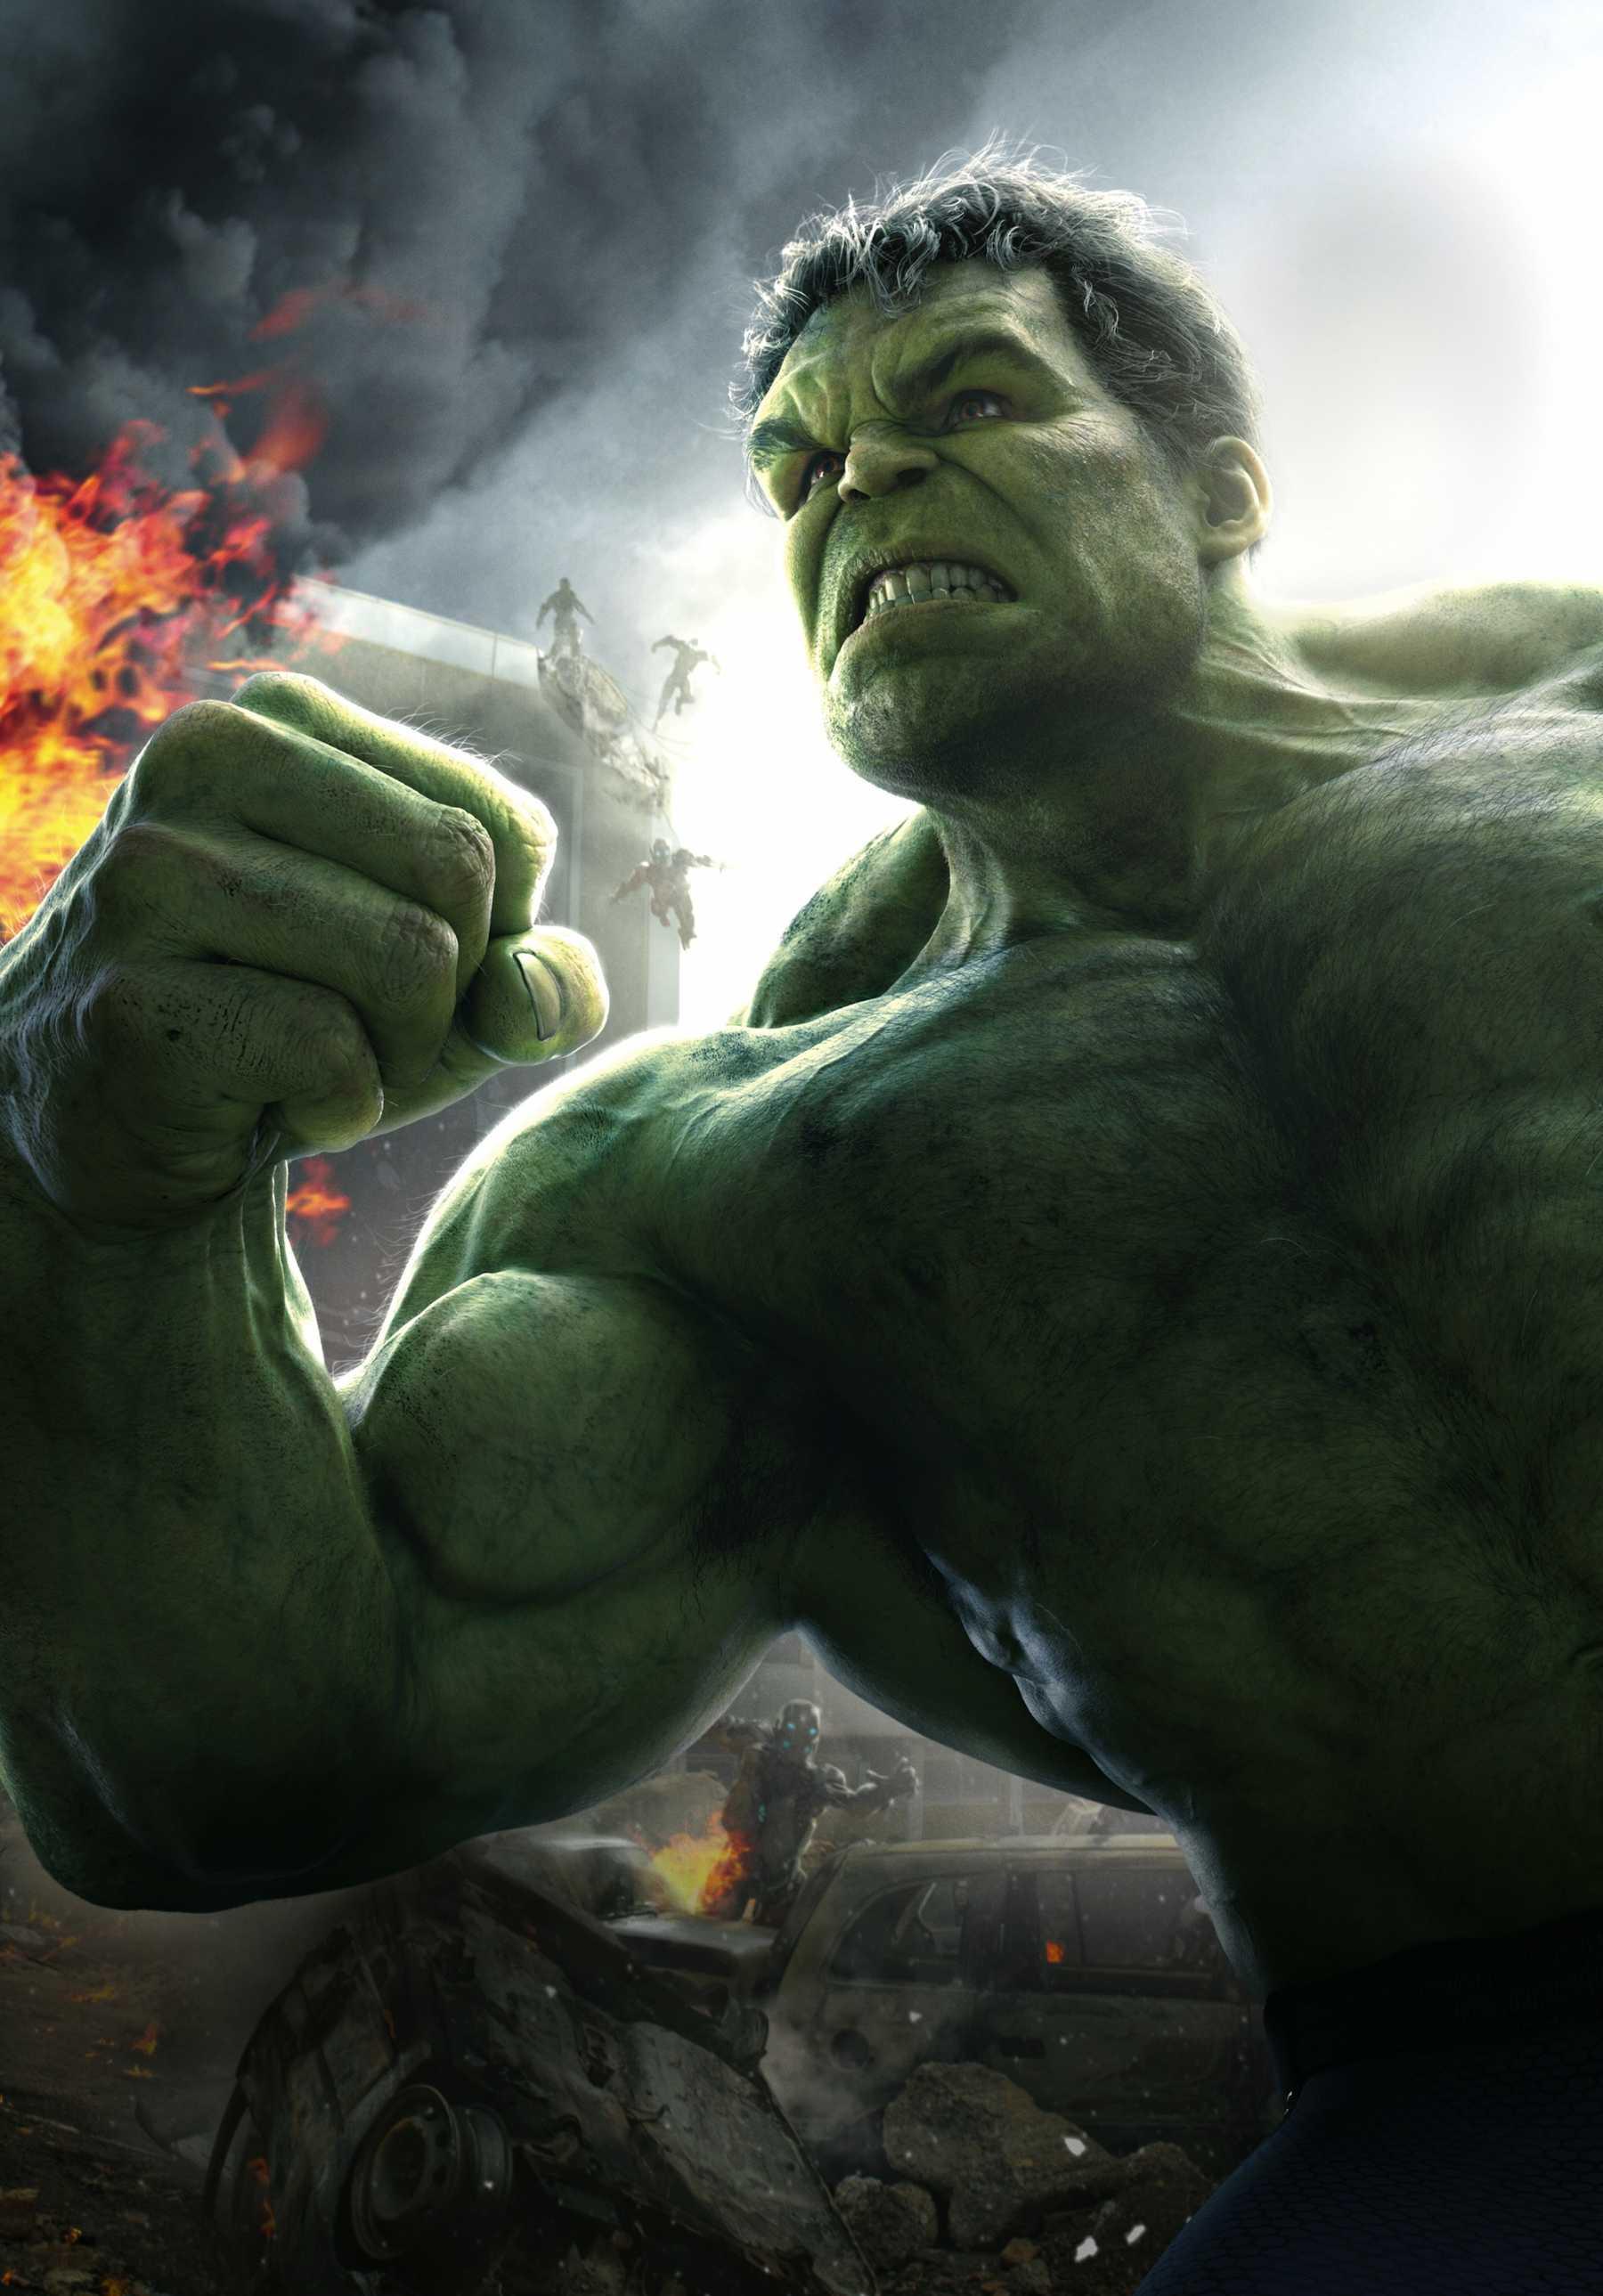 Hulk May Co-Star In Thor: Ragnarok | Ragnarok